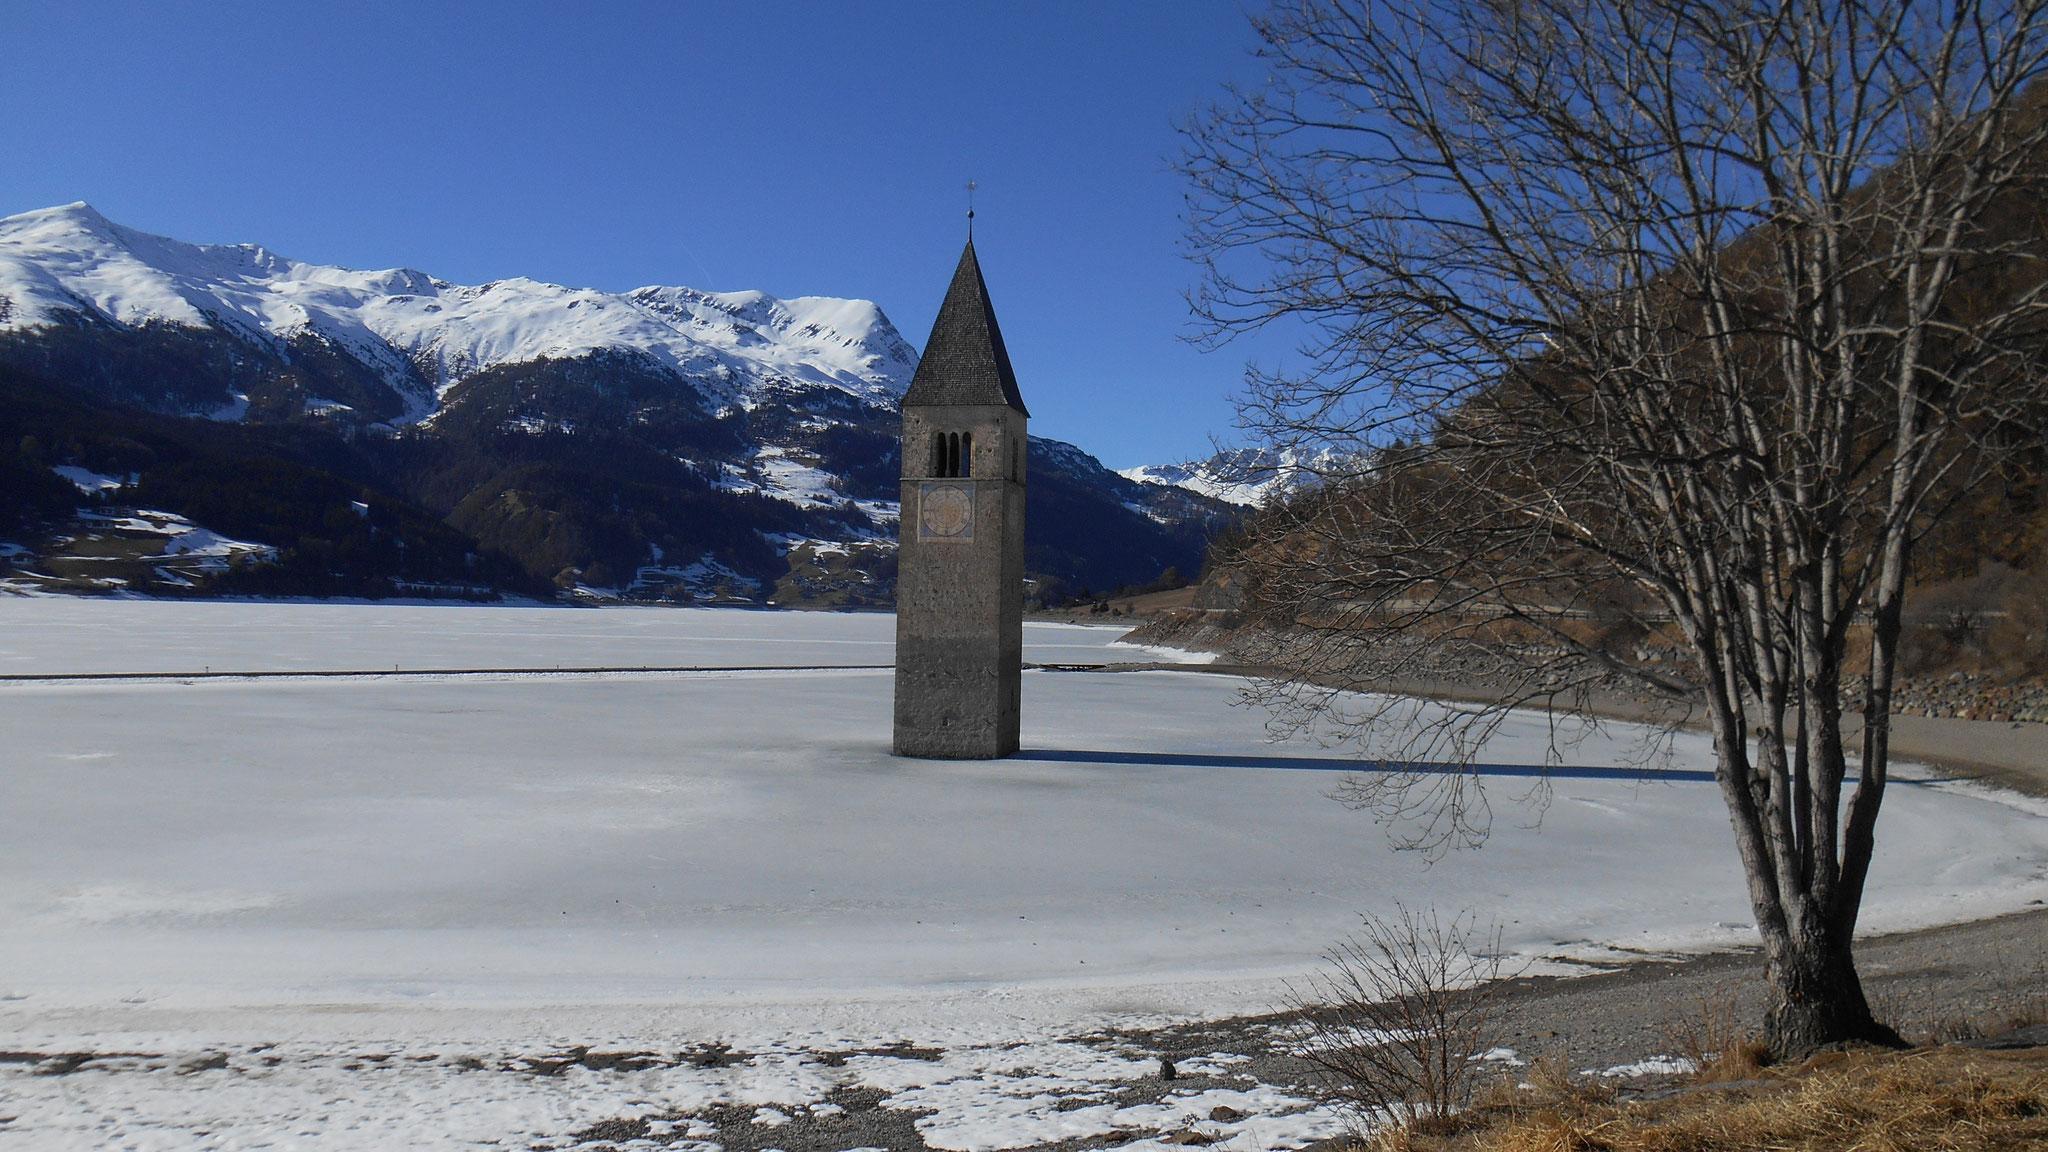 Auf der Rückfahrt geht's am Kirchturm von alt Graun vorbei (Fotos von Katrin Schmid Lüdi)